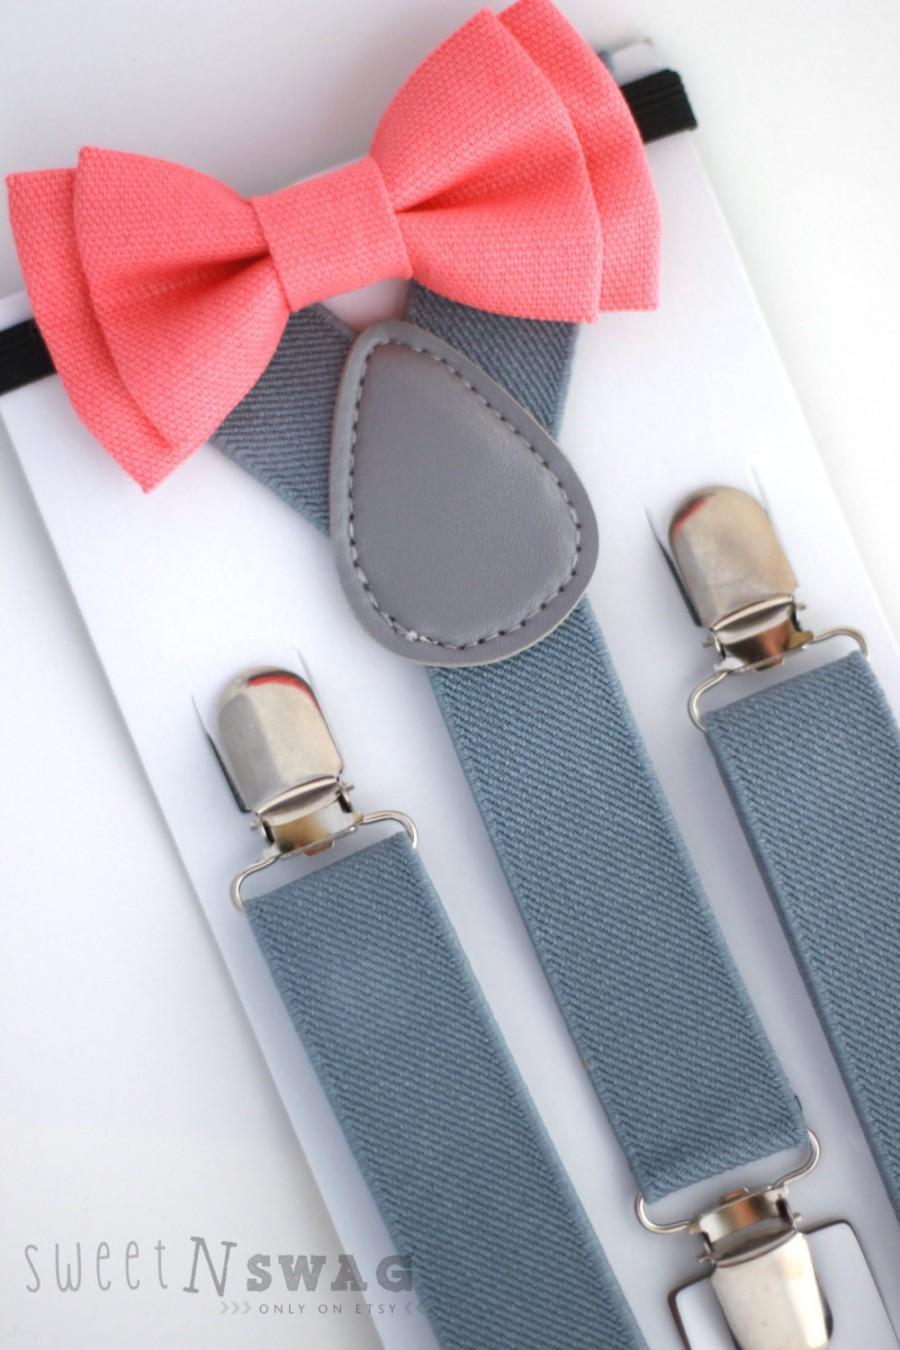 Wedding - SUSPENDER & BOWTIE SET.  Light grey suspenders. Coral bow tie. Newborn - Adult sizes.